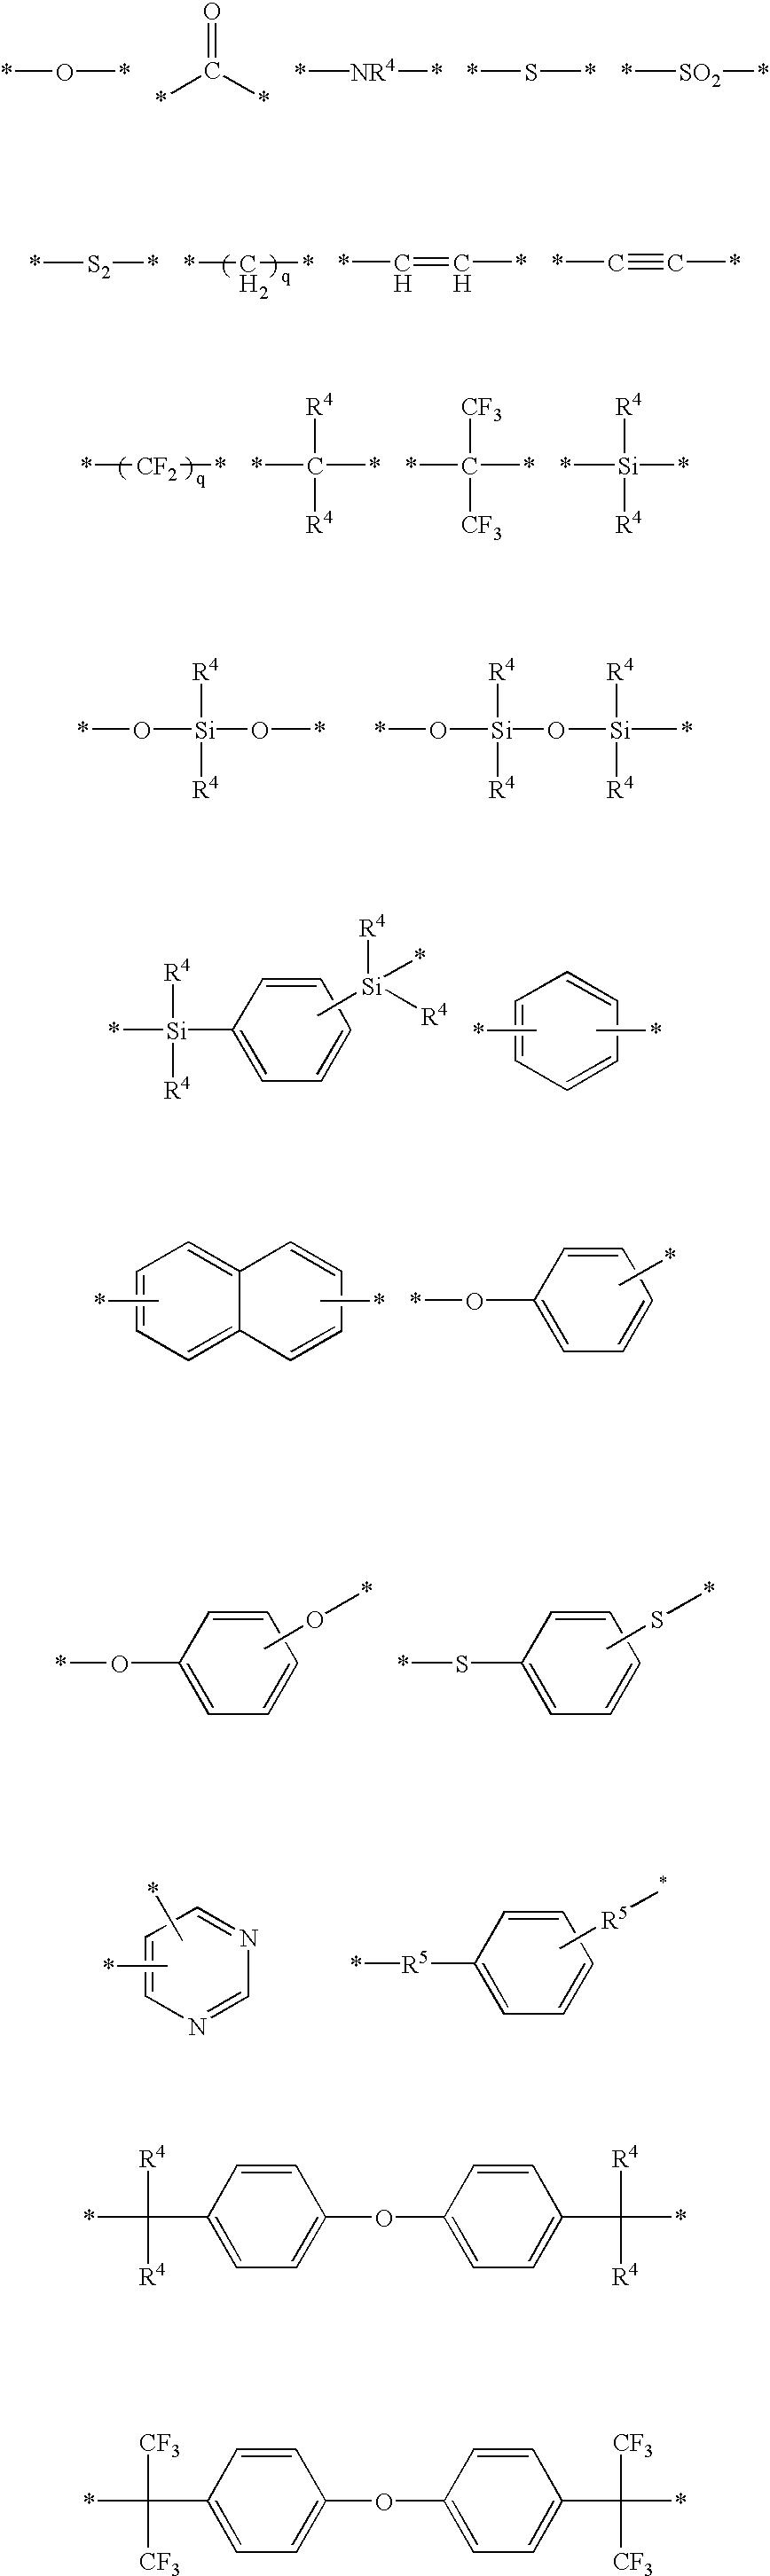 Figure US20030050431A1-20030313-C00004